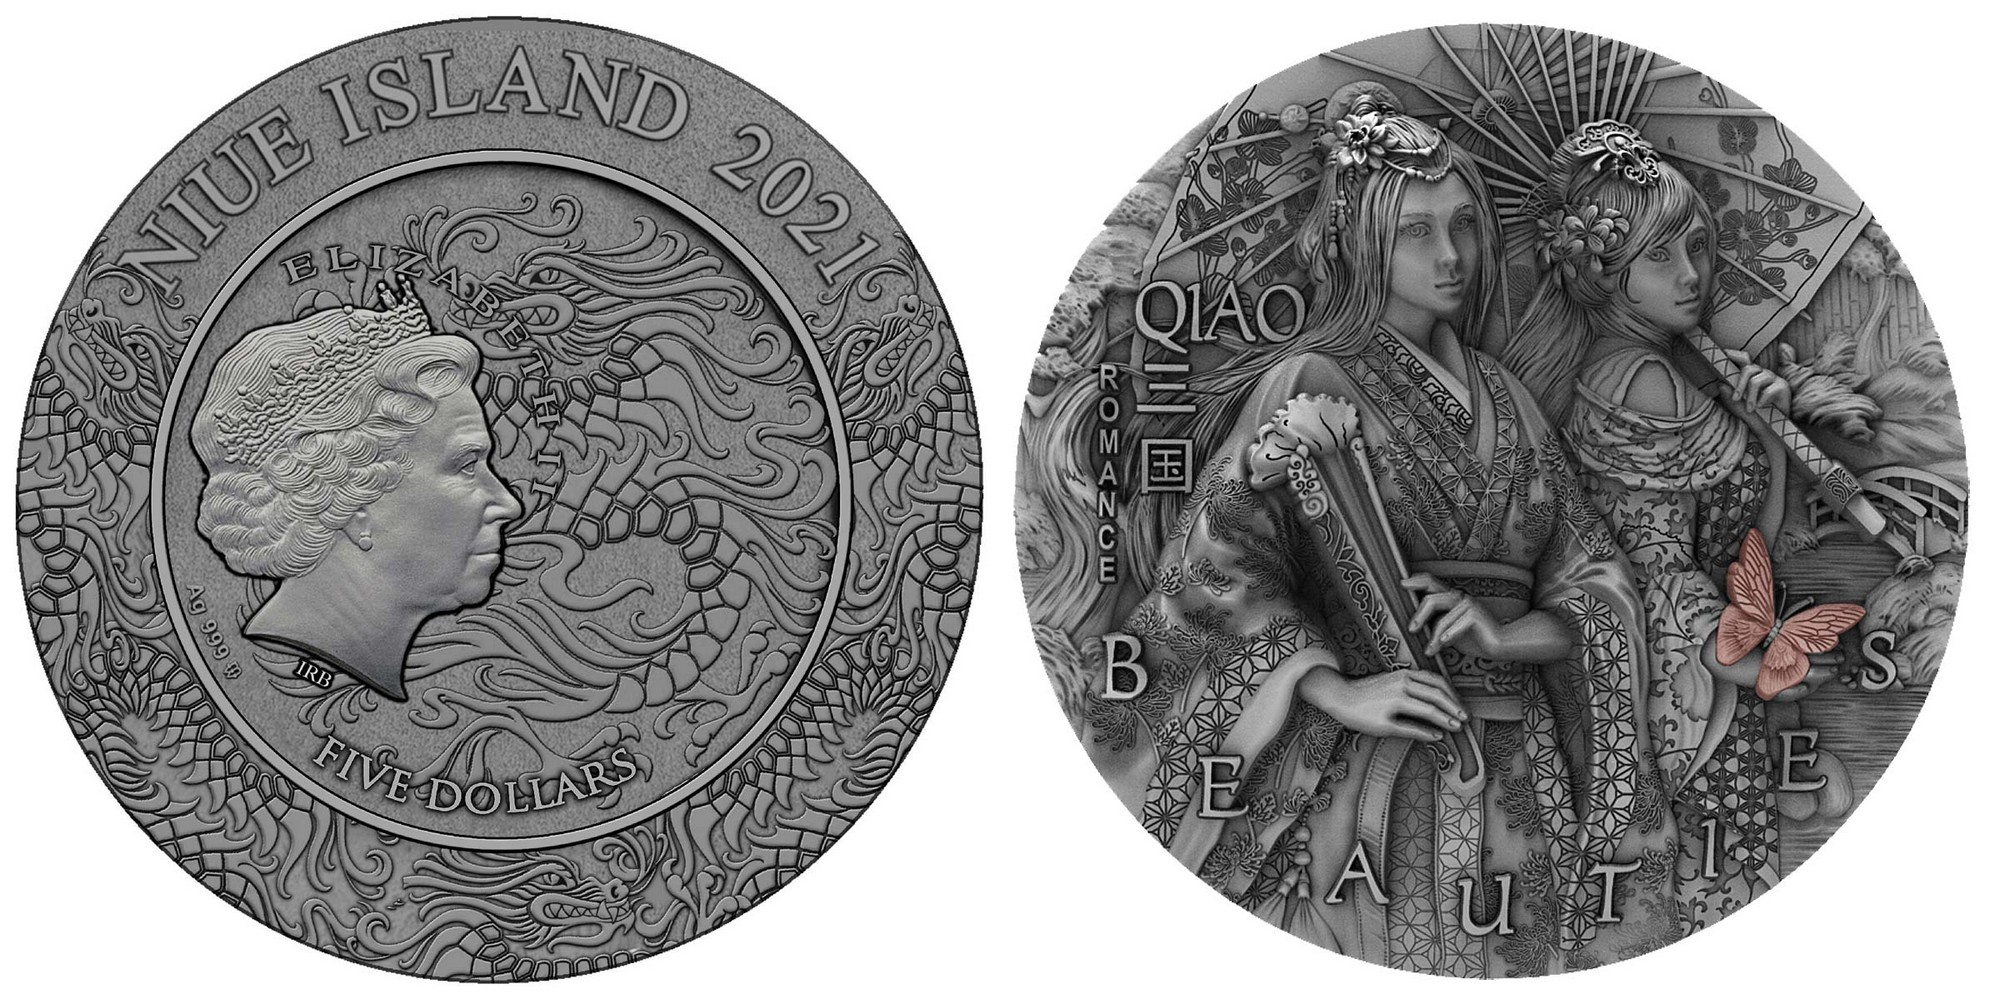 niue-2021-beautes-qiao